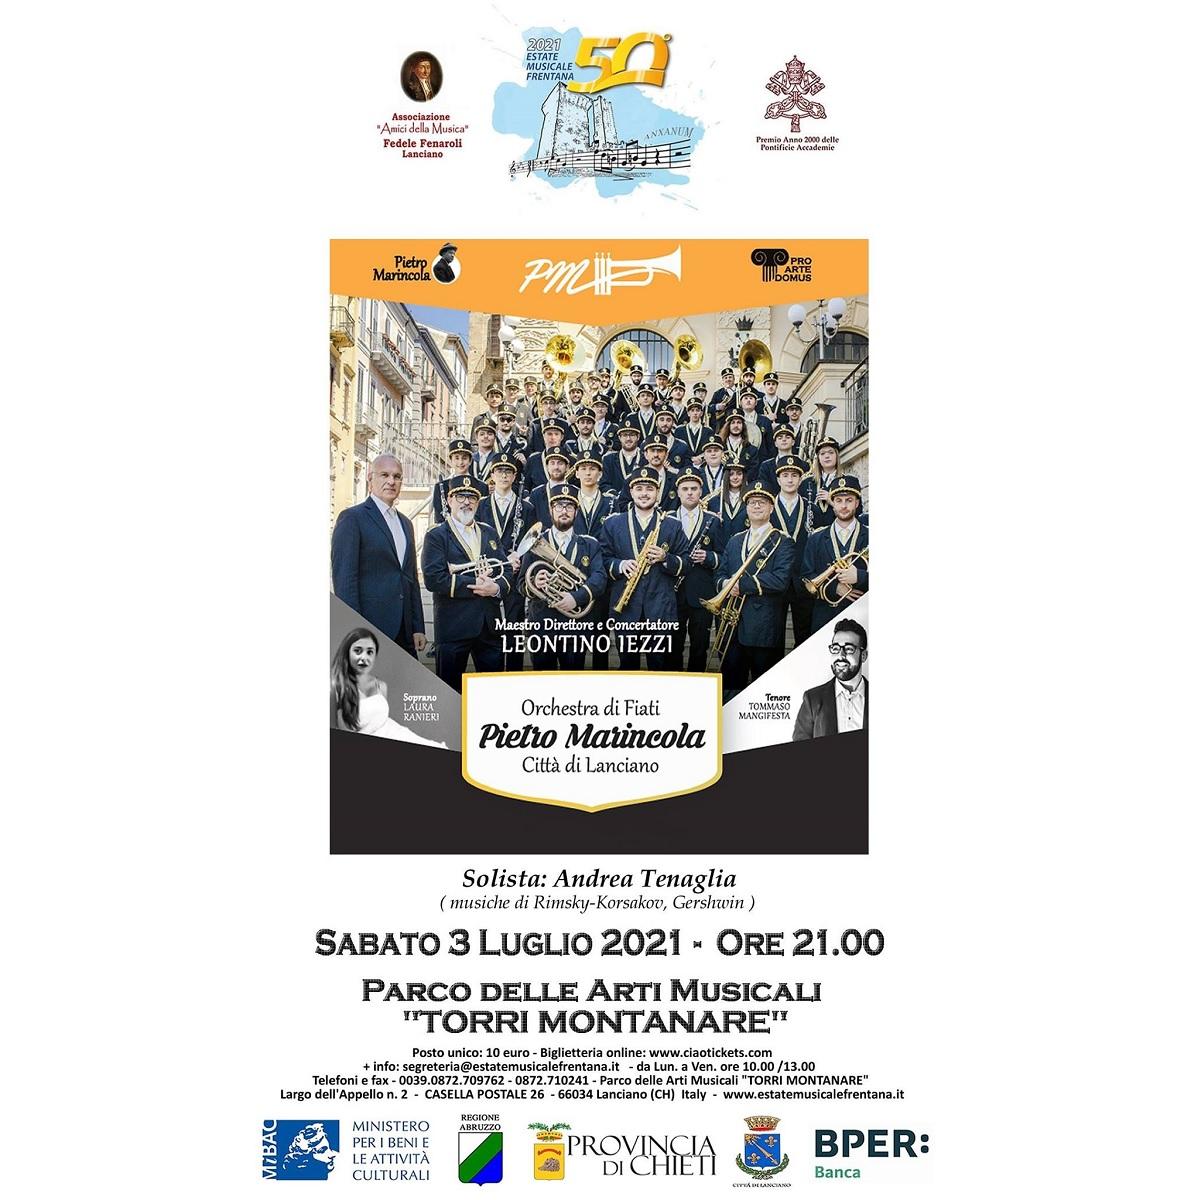 Orchestra di Fiati Pietro Marincola Città di Lanciano 3 luglio 2021 foto